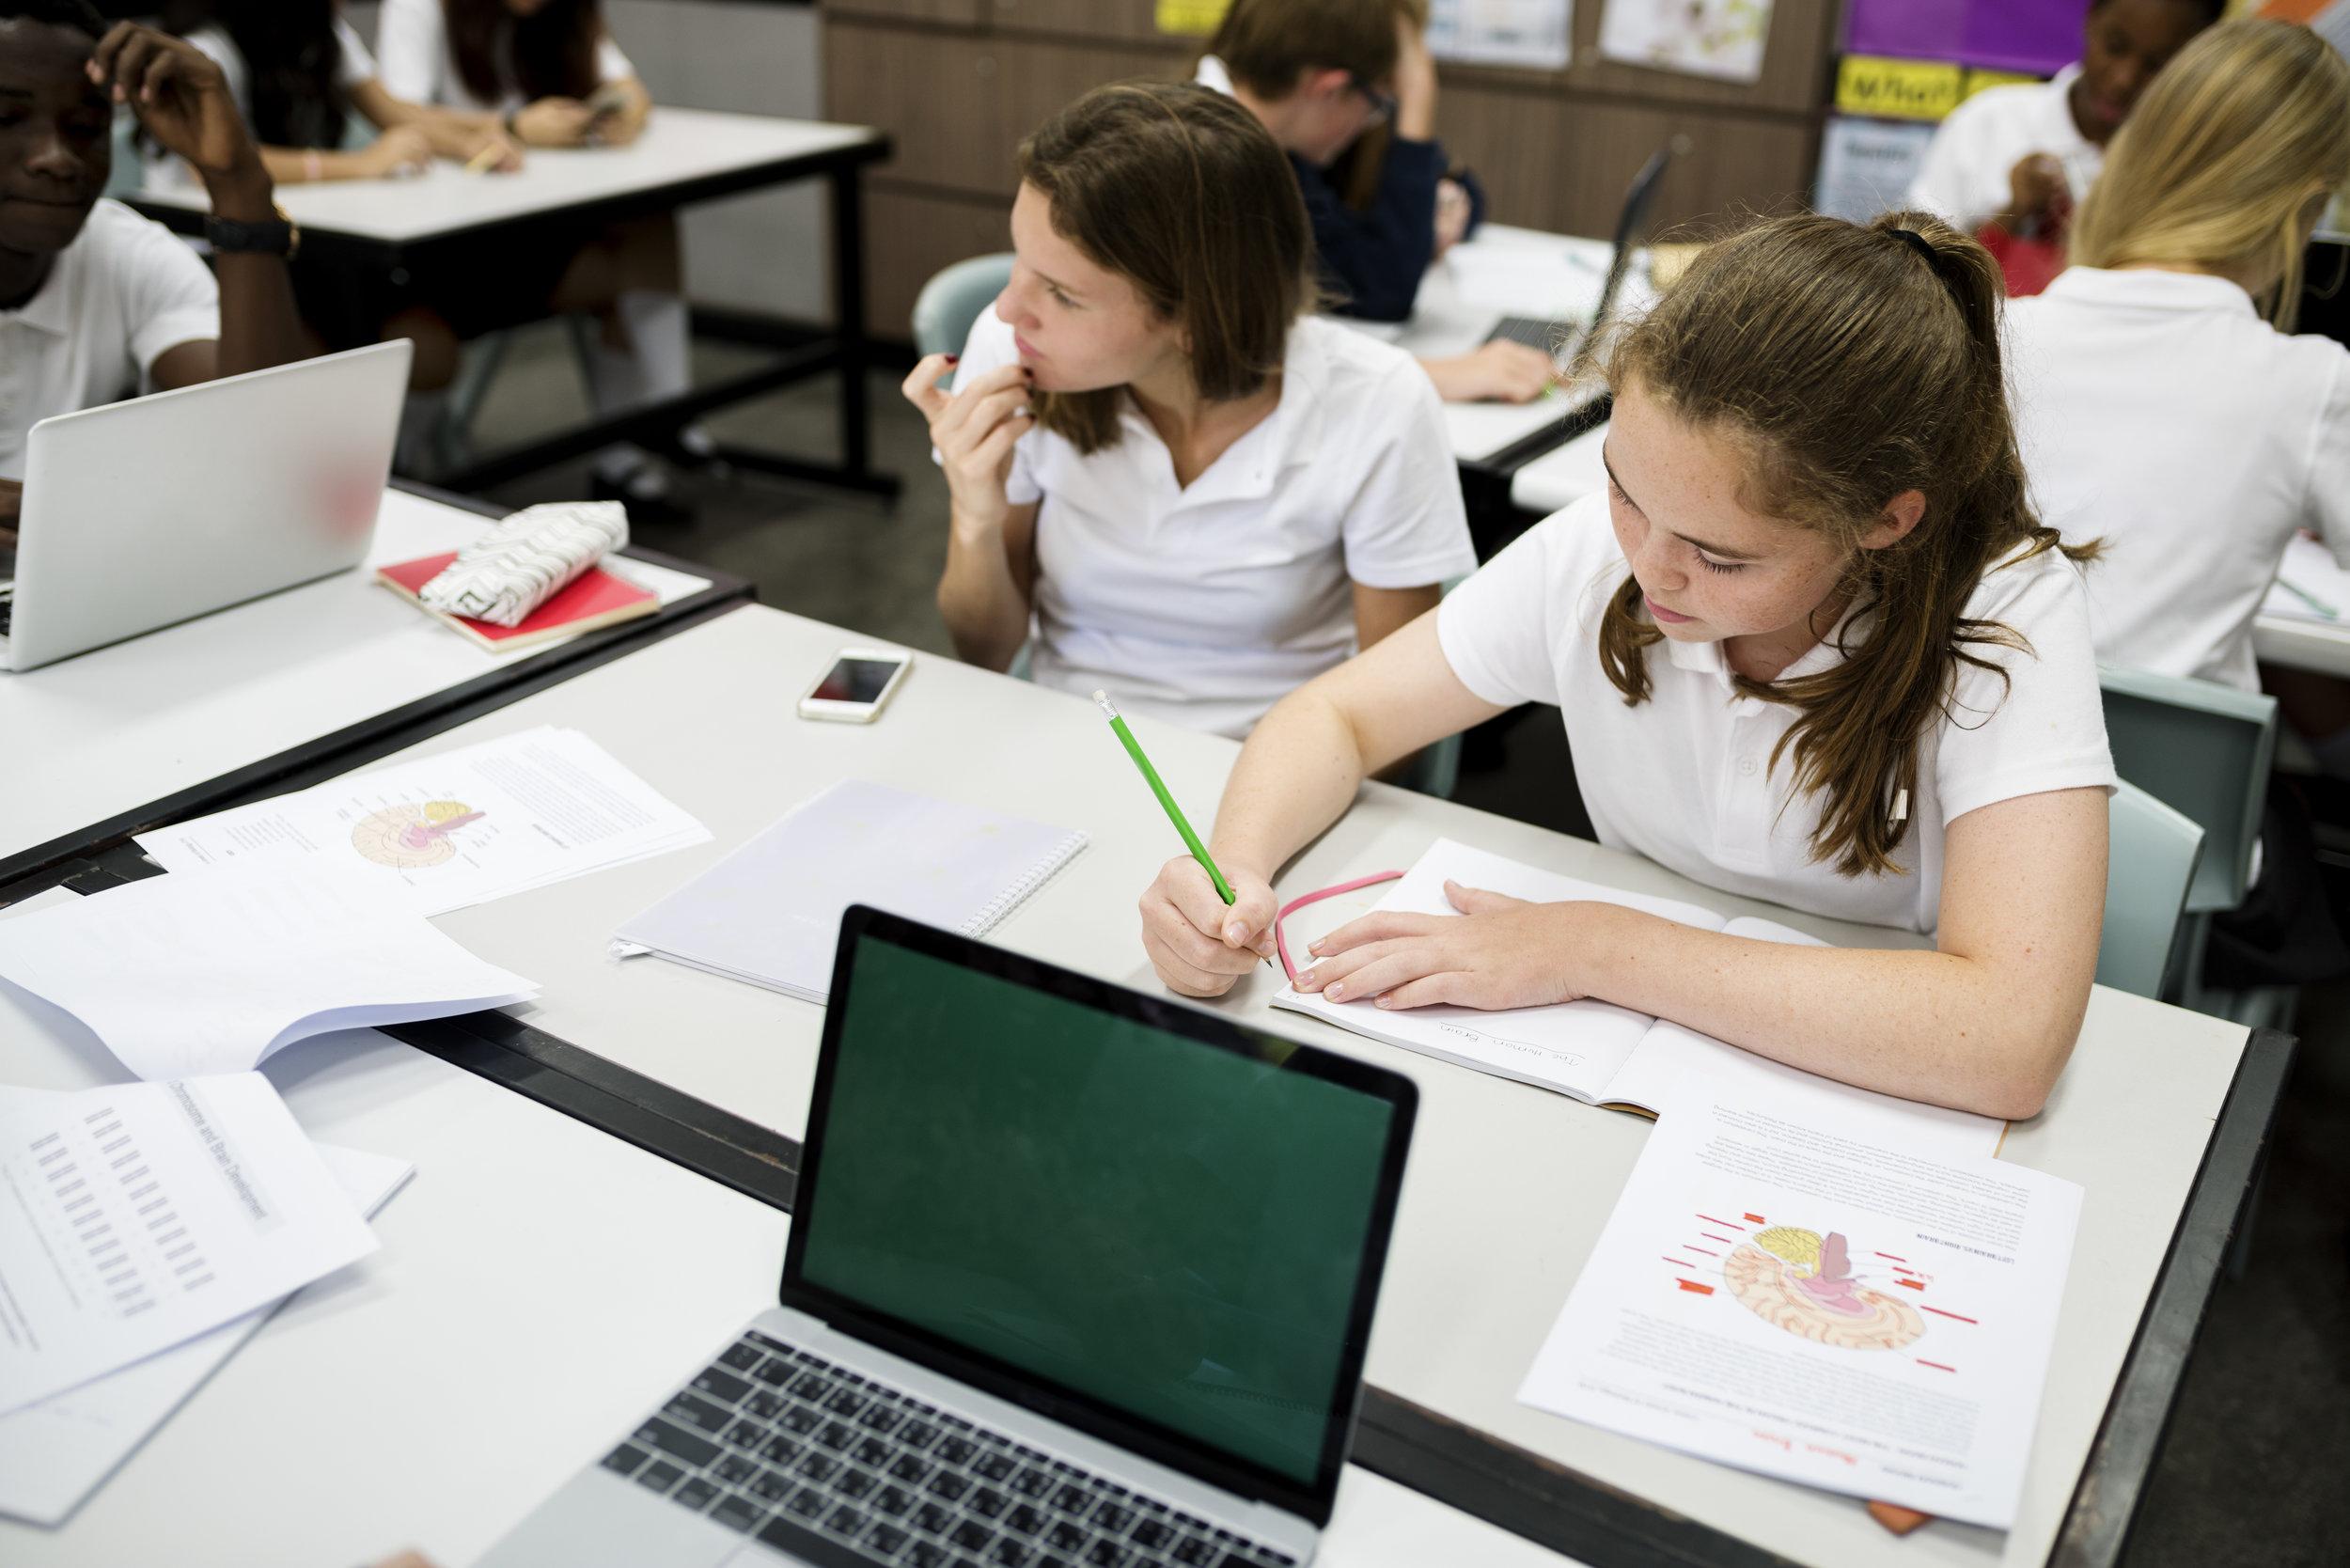 group-of-school-friends-learning-classroom-PF2W7VS.jpg